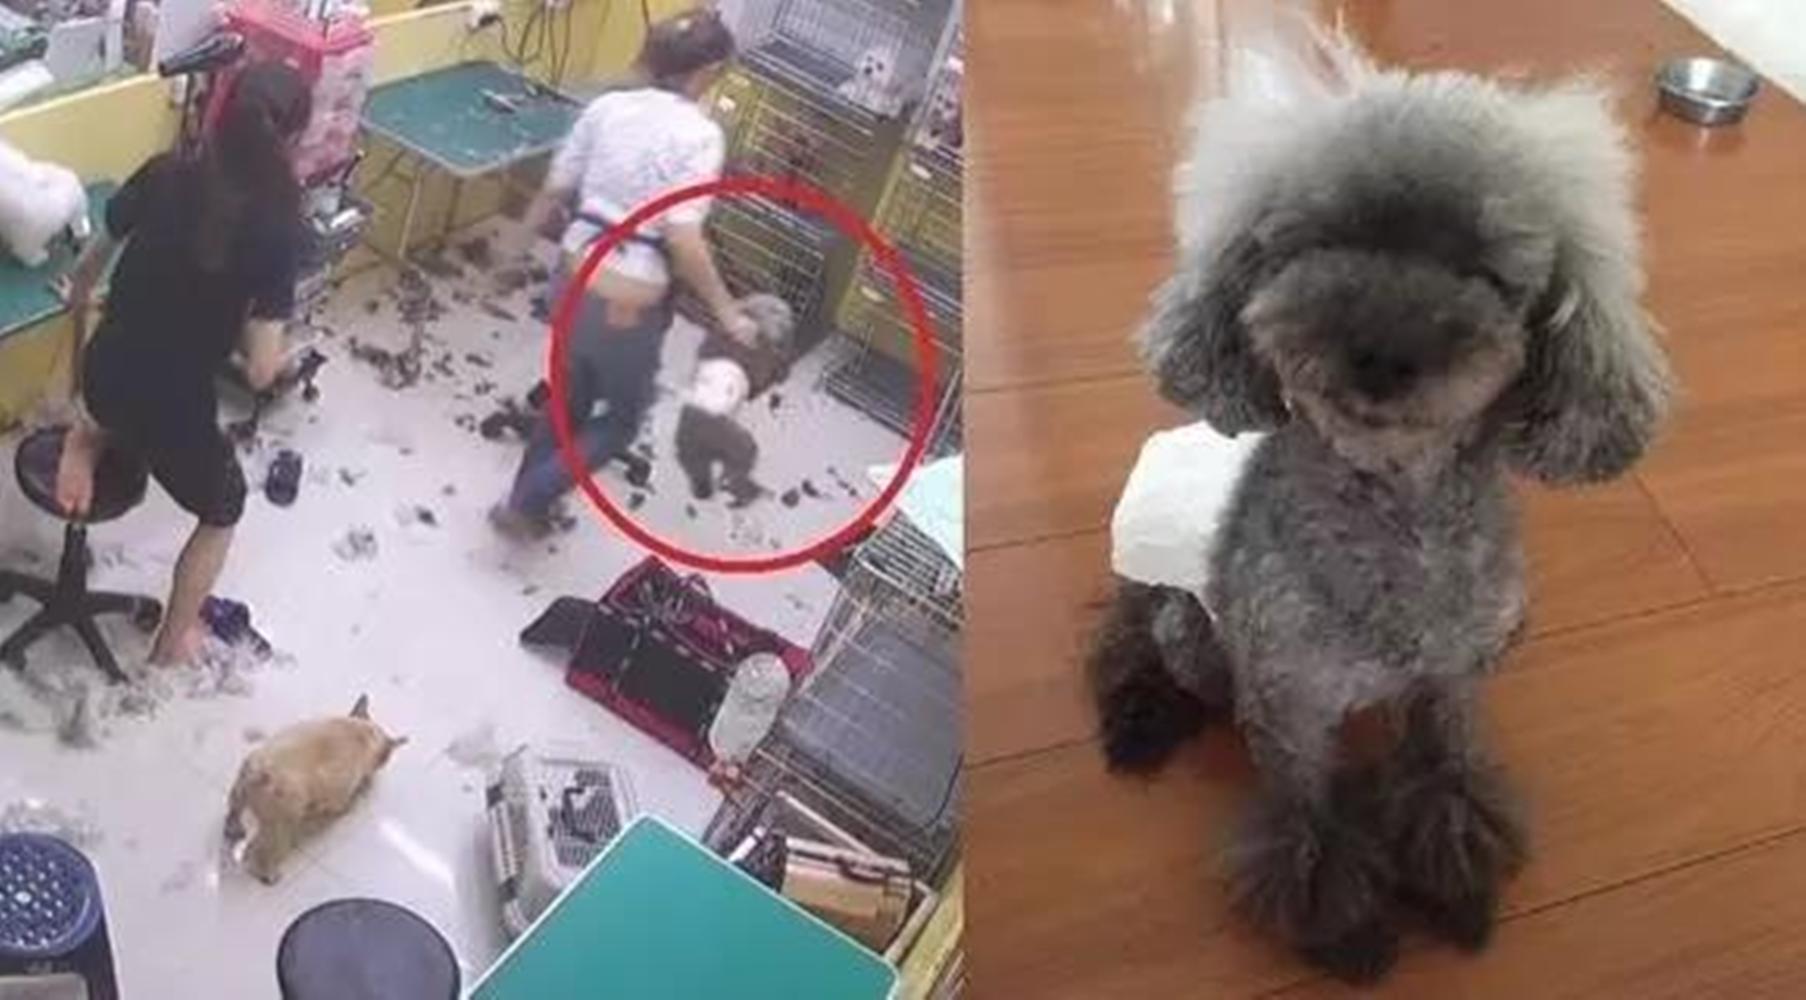 铲屎官们, 带狗狗去宠物店美容也需要谨慎了!